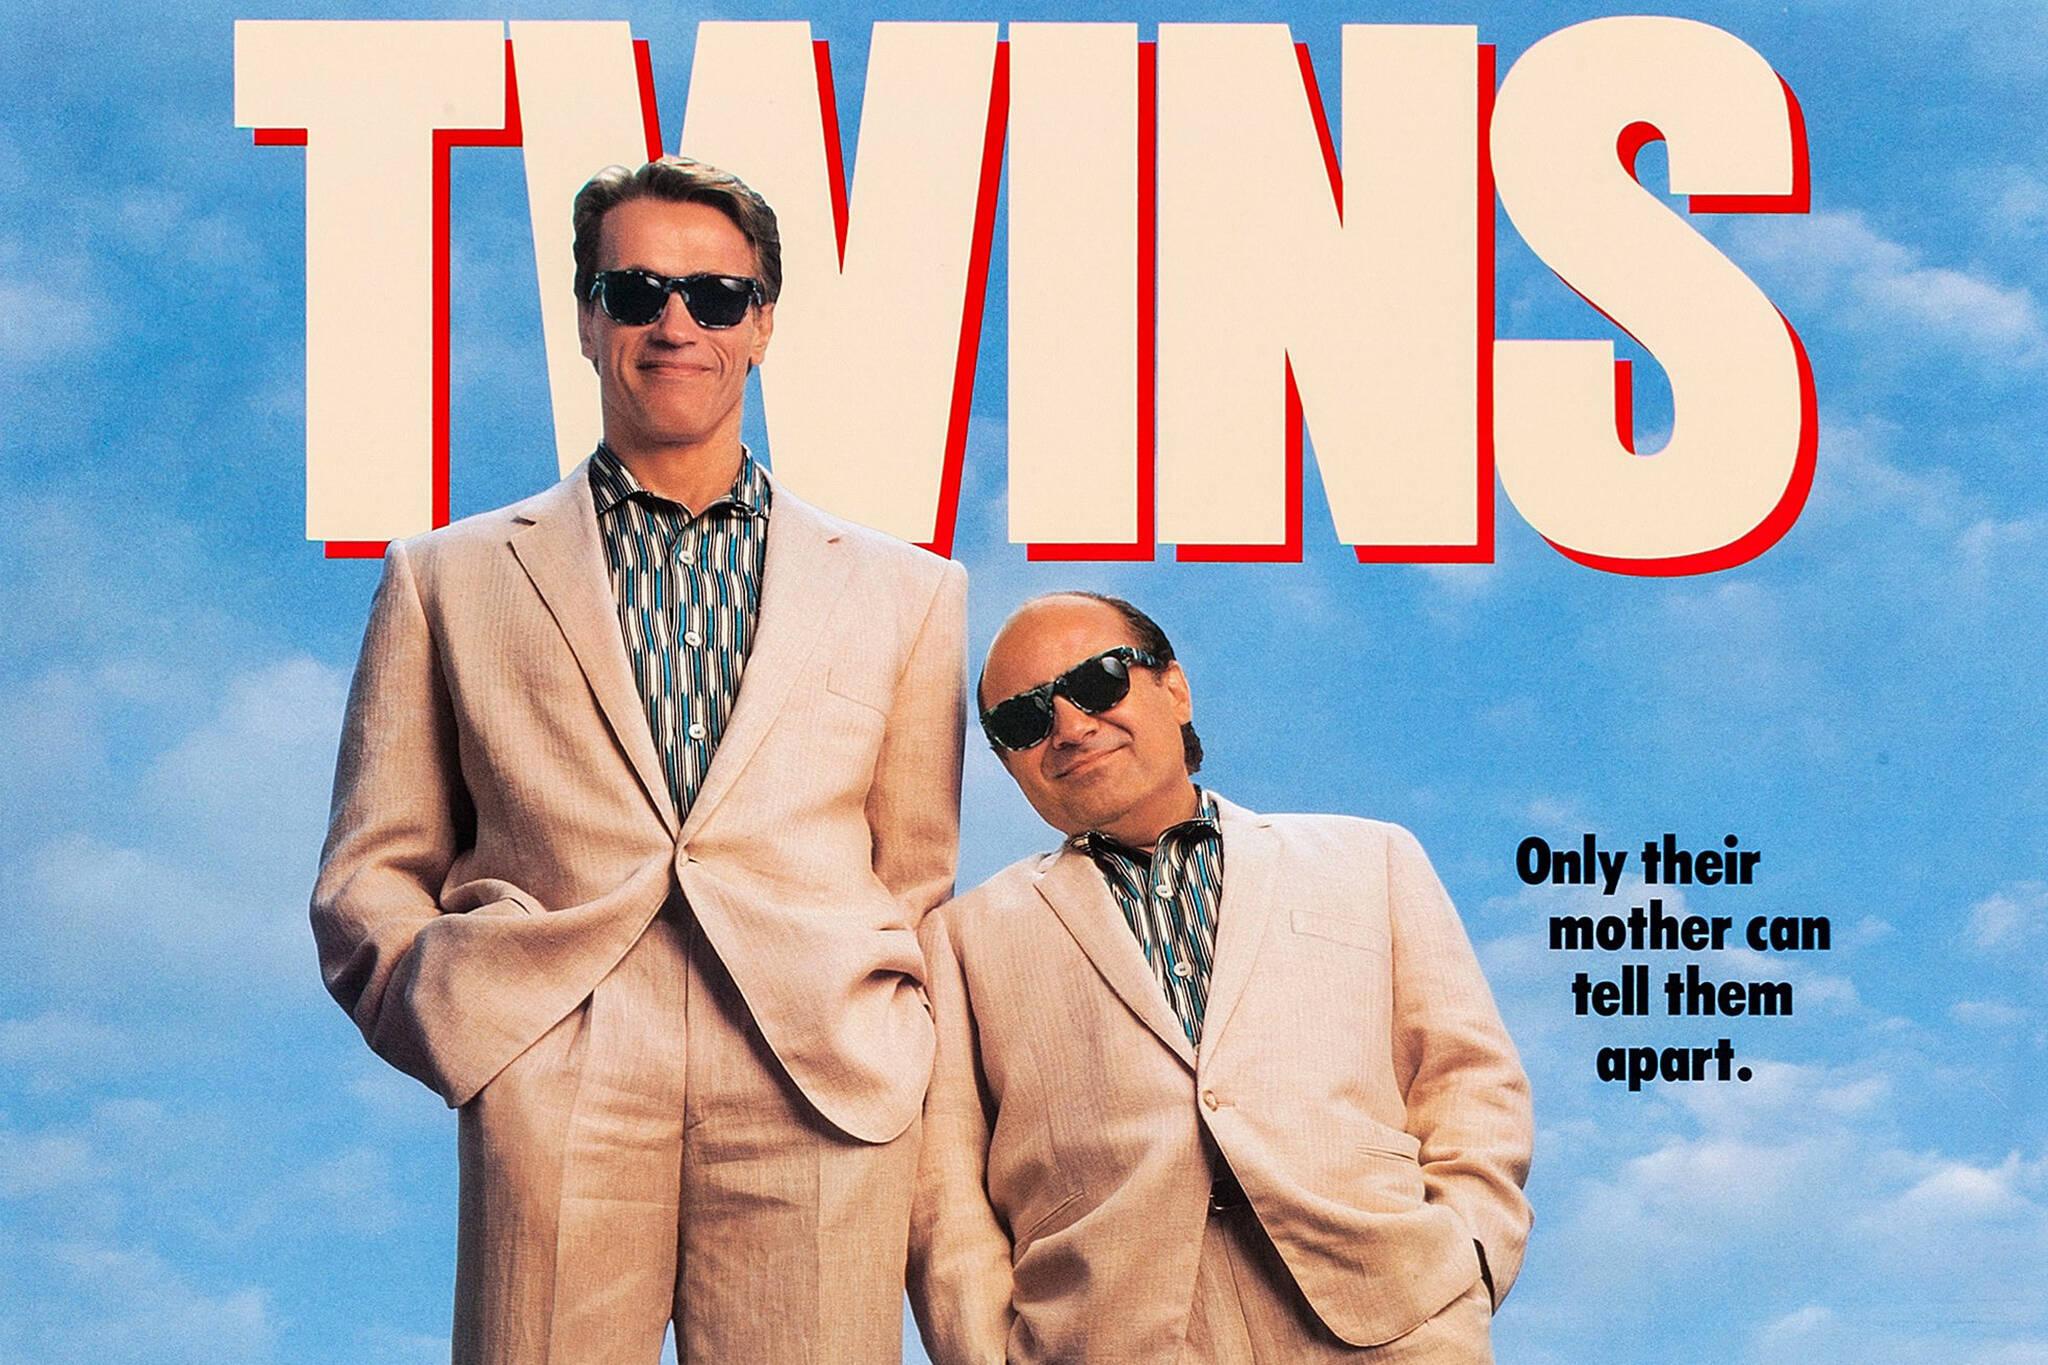 triplets movie